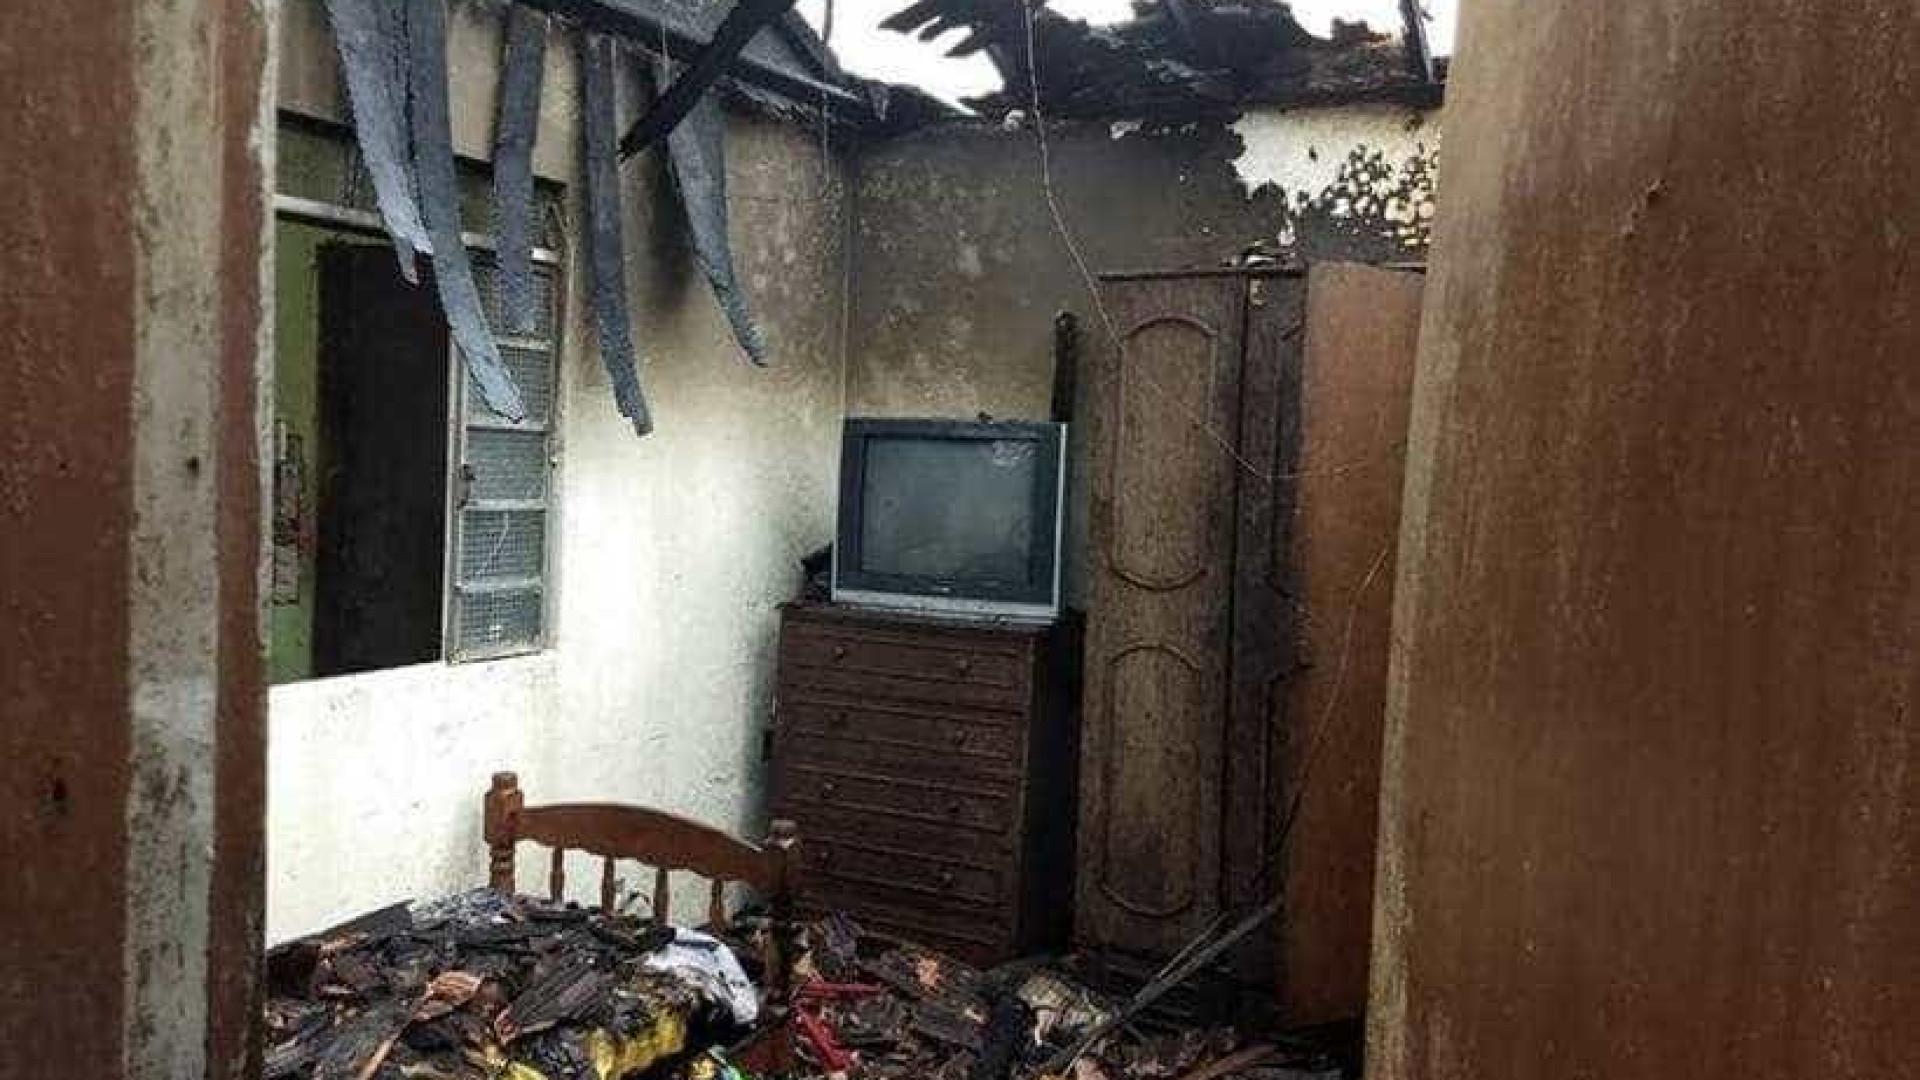 Incêndio mata idoso e intoxica funcionárias em asilo de Rio Preto